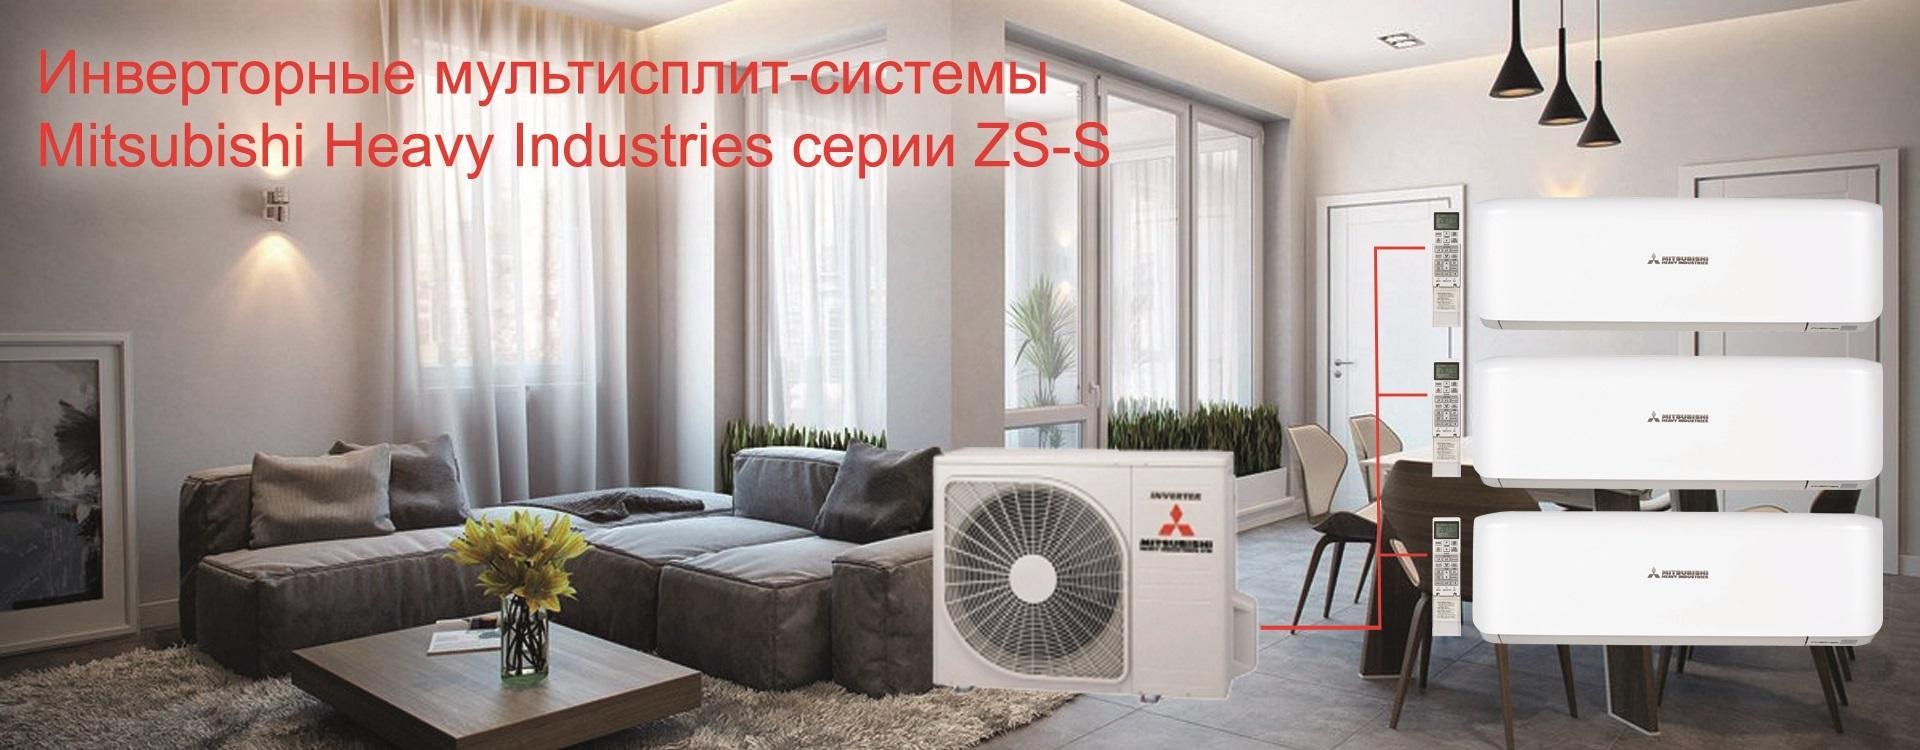 title_5bcd9a6d376c710186920171540201069